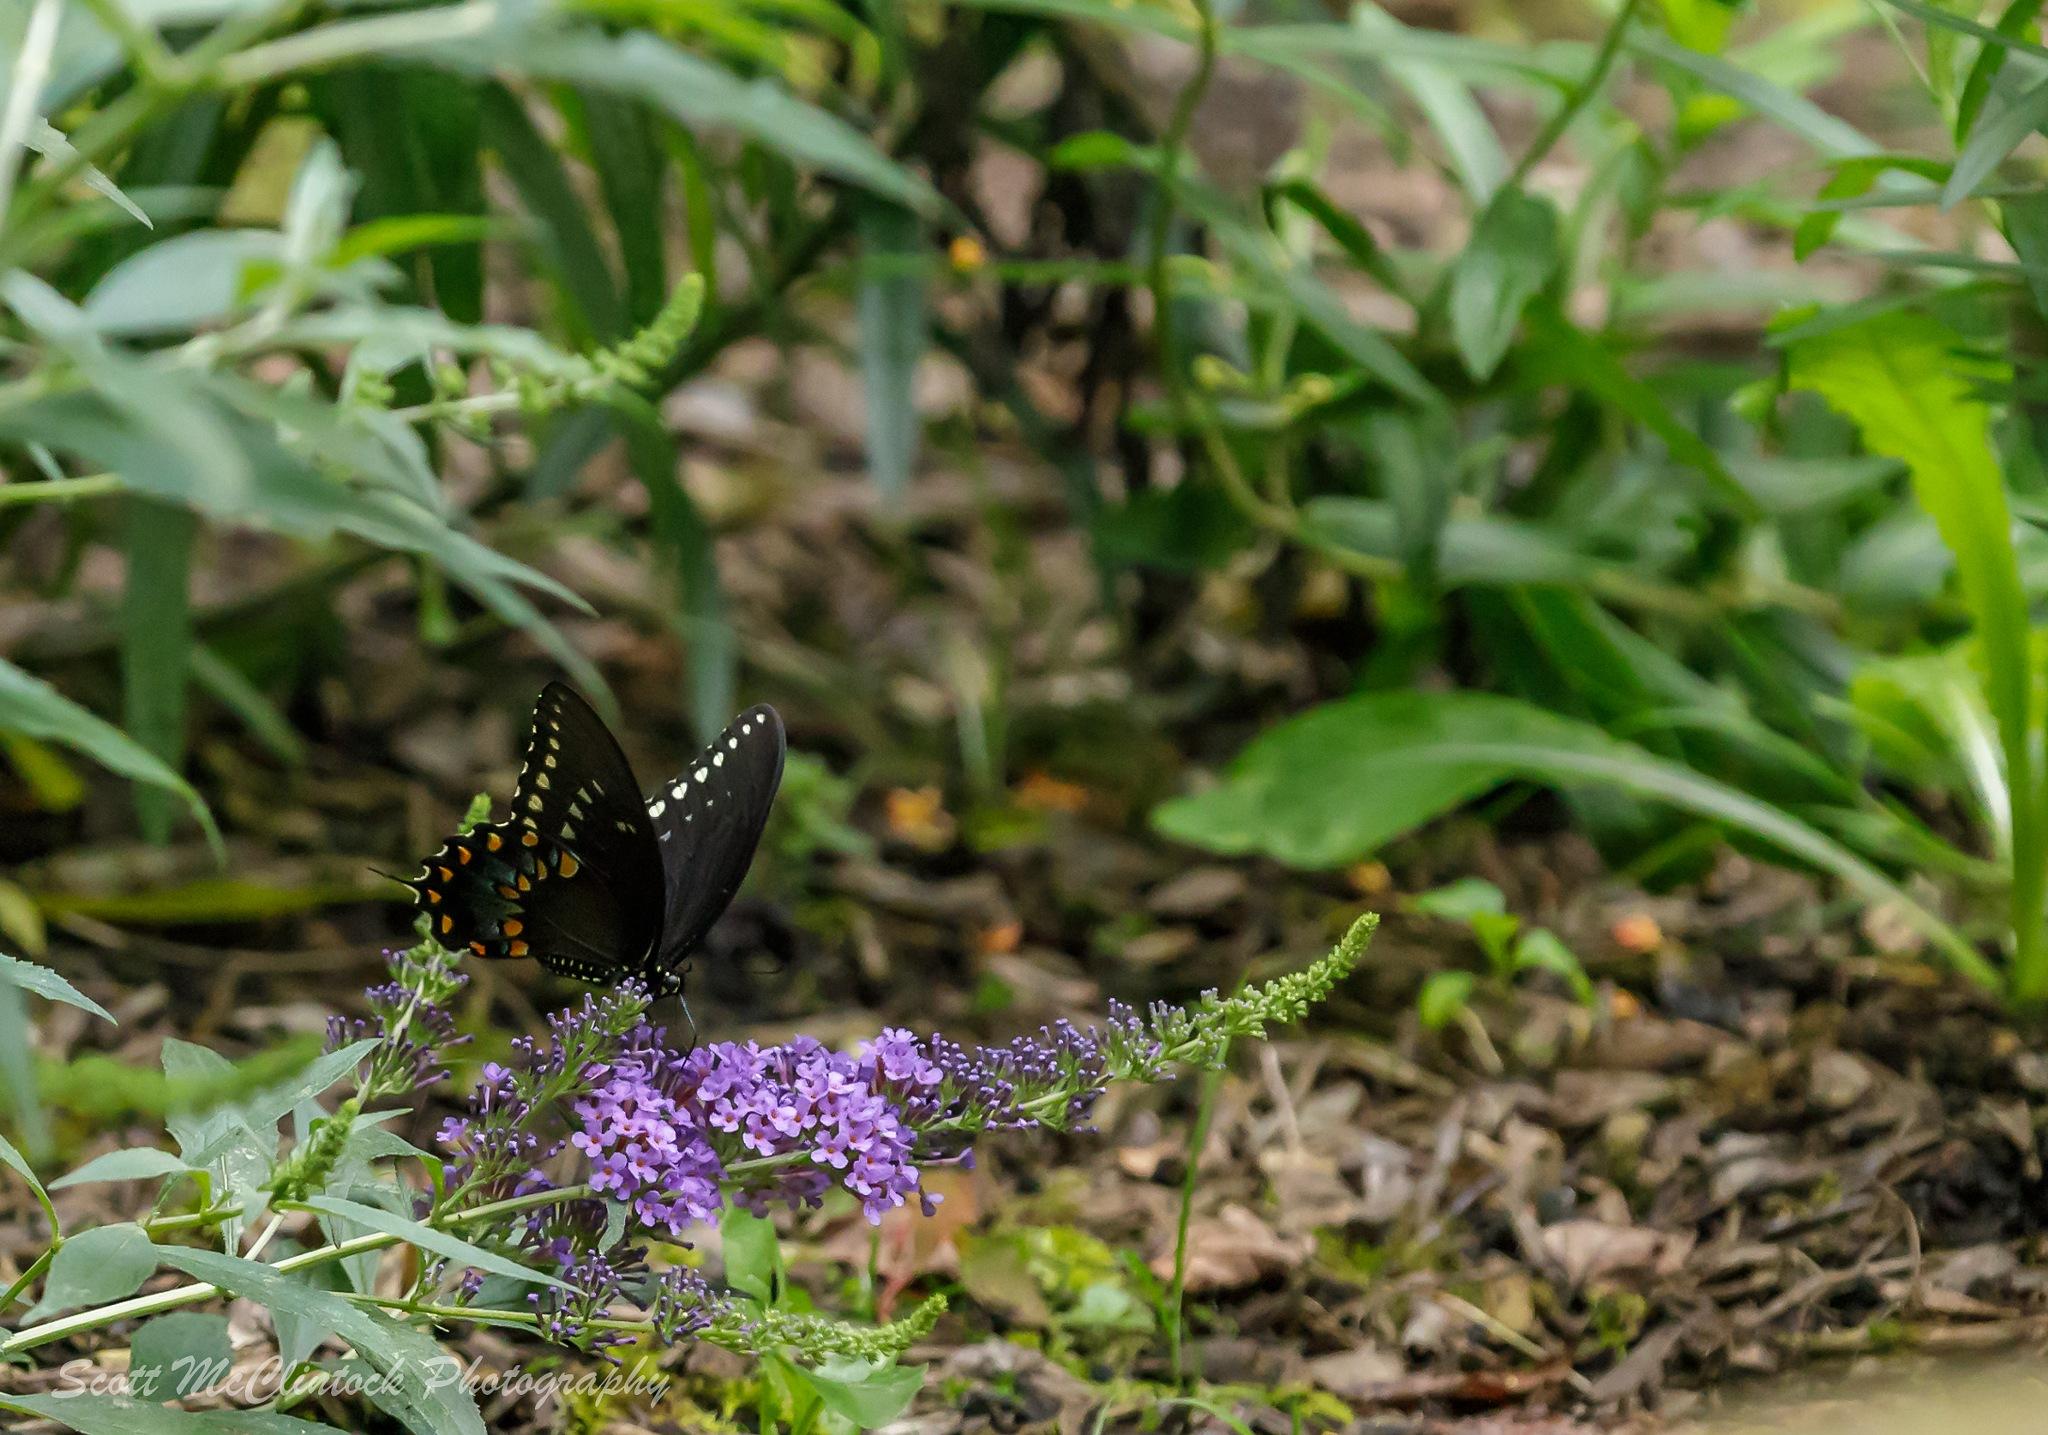 Black Swallow Tail by Scottmcc